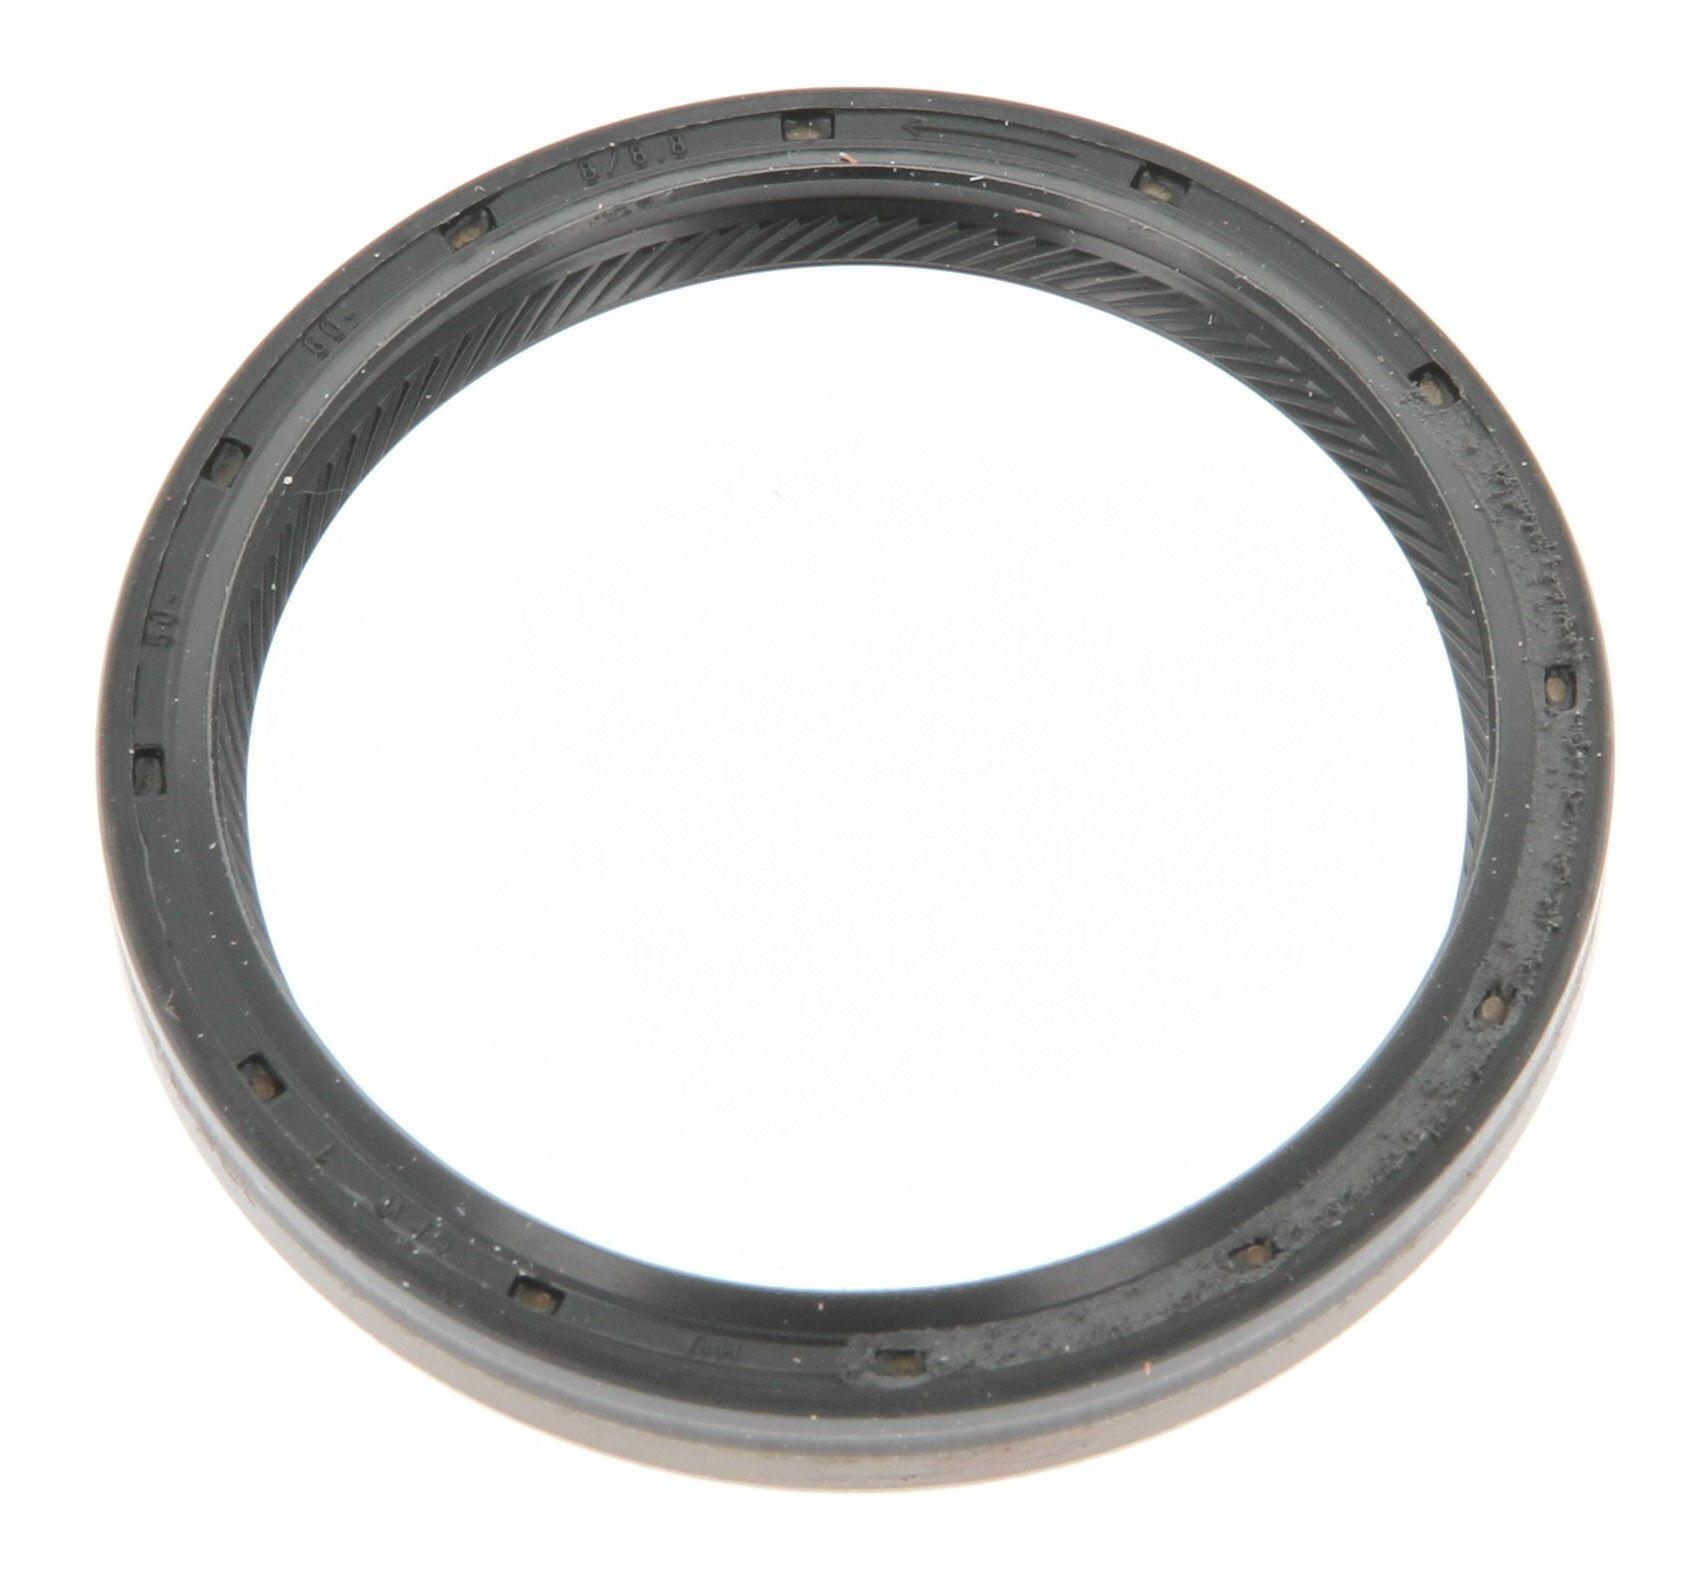 MERCEDES-BENZ SLK Verteilergetriebe Einzelteile - Original CORTECO 01035424B